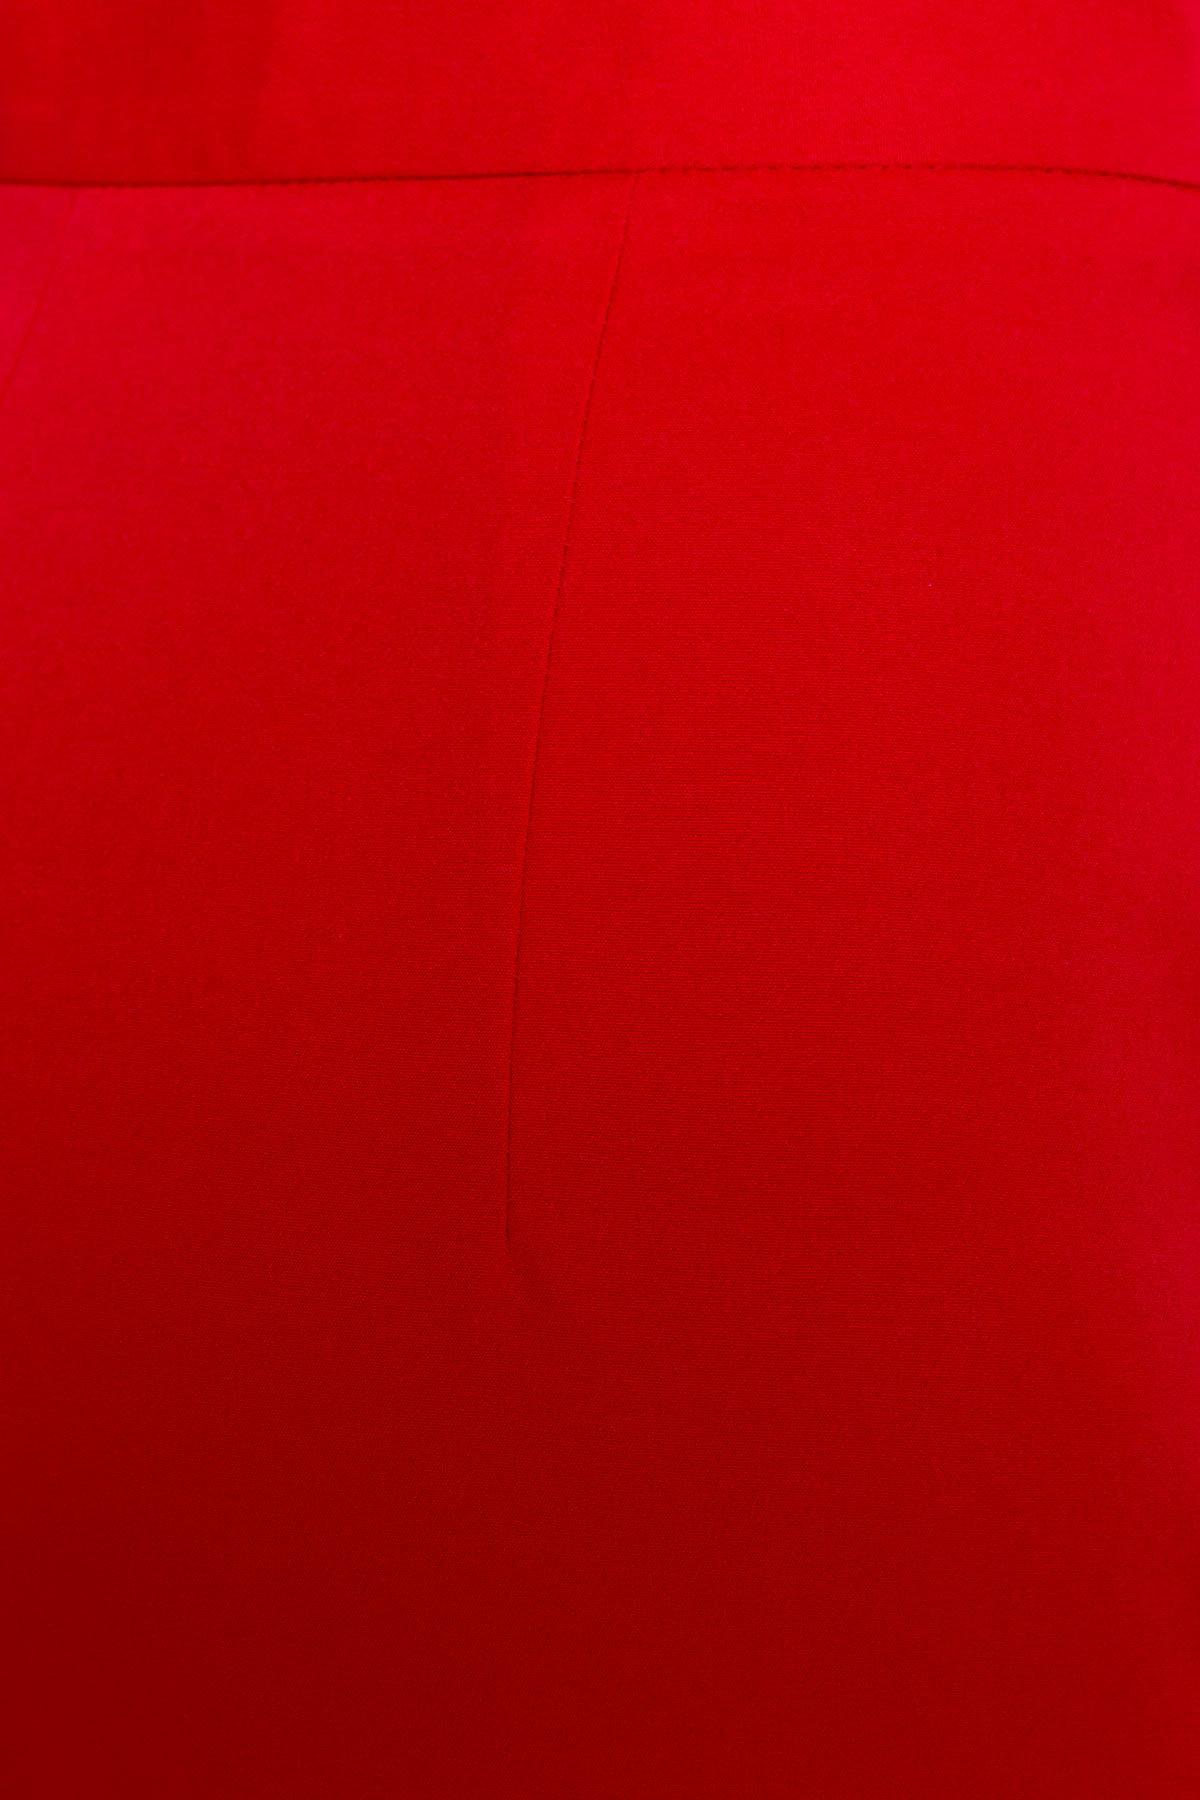 Брюки Мадлен 2788 АРТ. 15266 Цвет: Красный - фото 3, интернет магазин tm-modus.ru